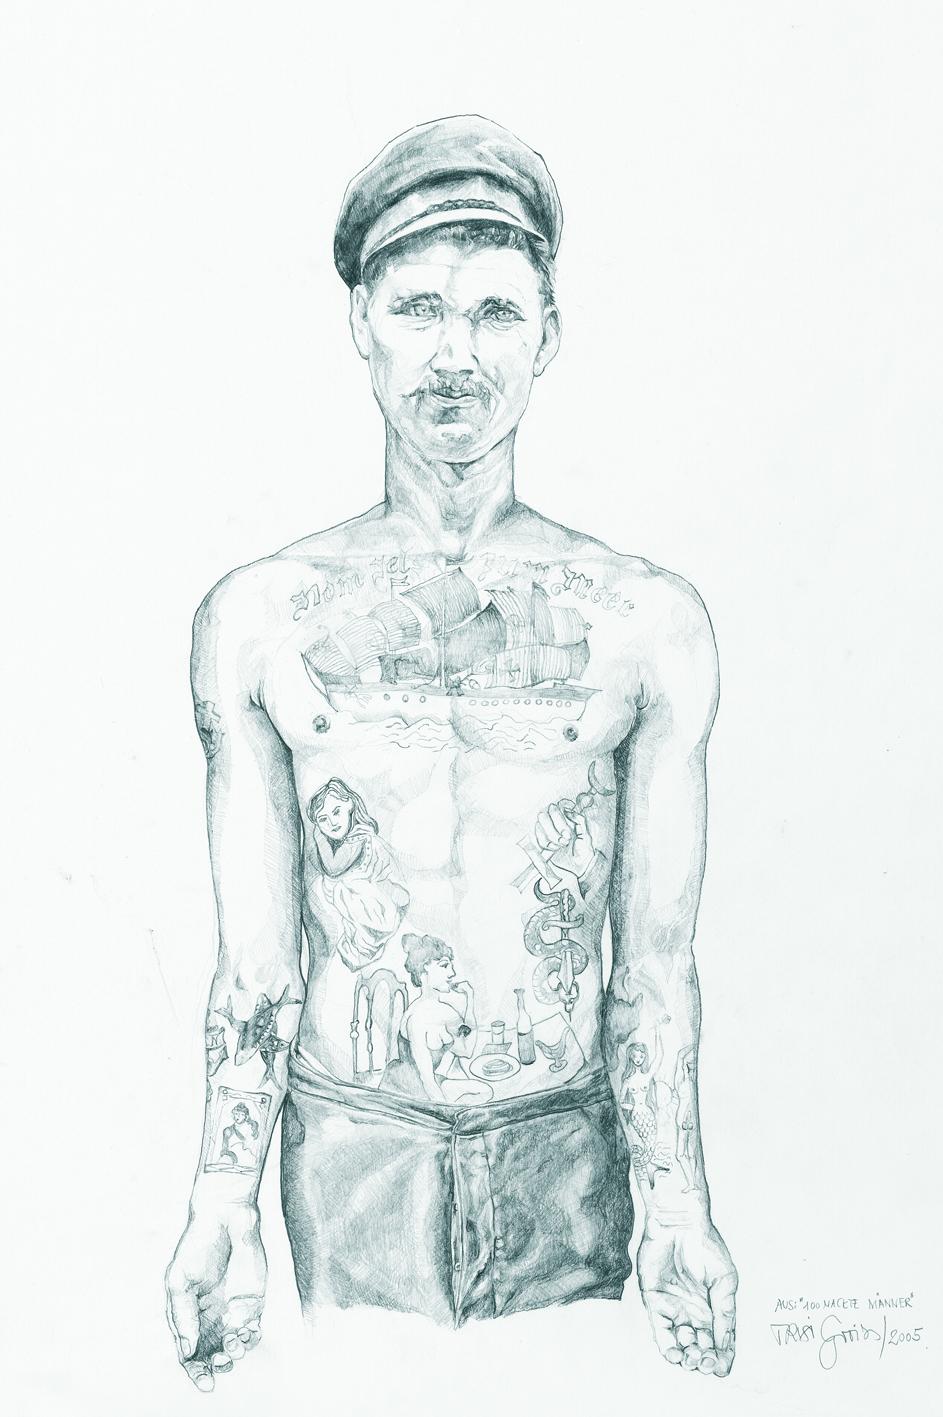 """Trixi Groiss, OT, aus der Serie """"100 nackte Männer"""", 2002-2006, Bleistift auf Papier, 42 x 29,7 cm"""